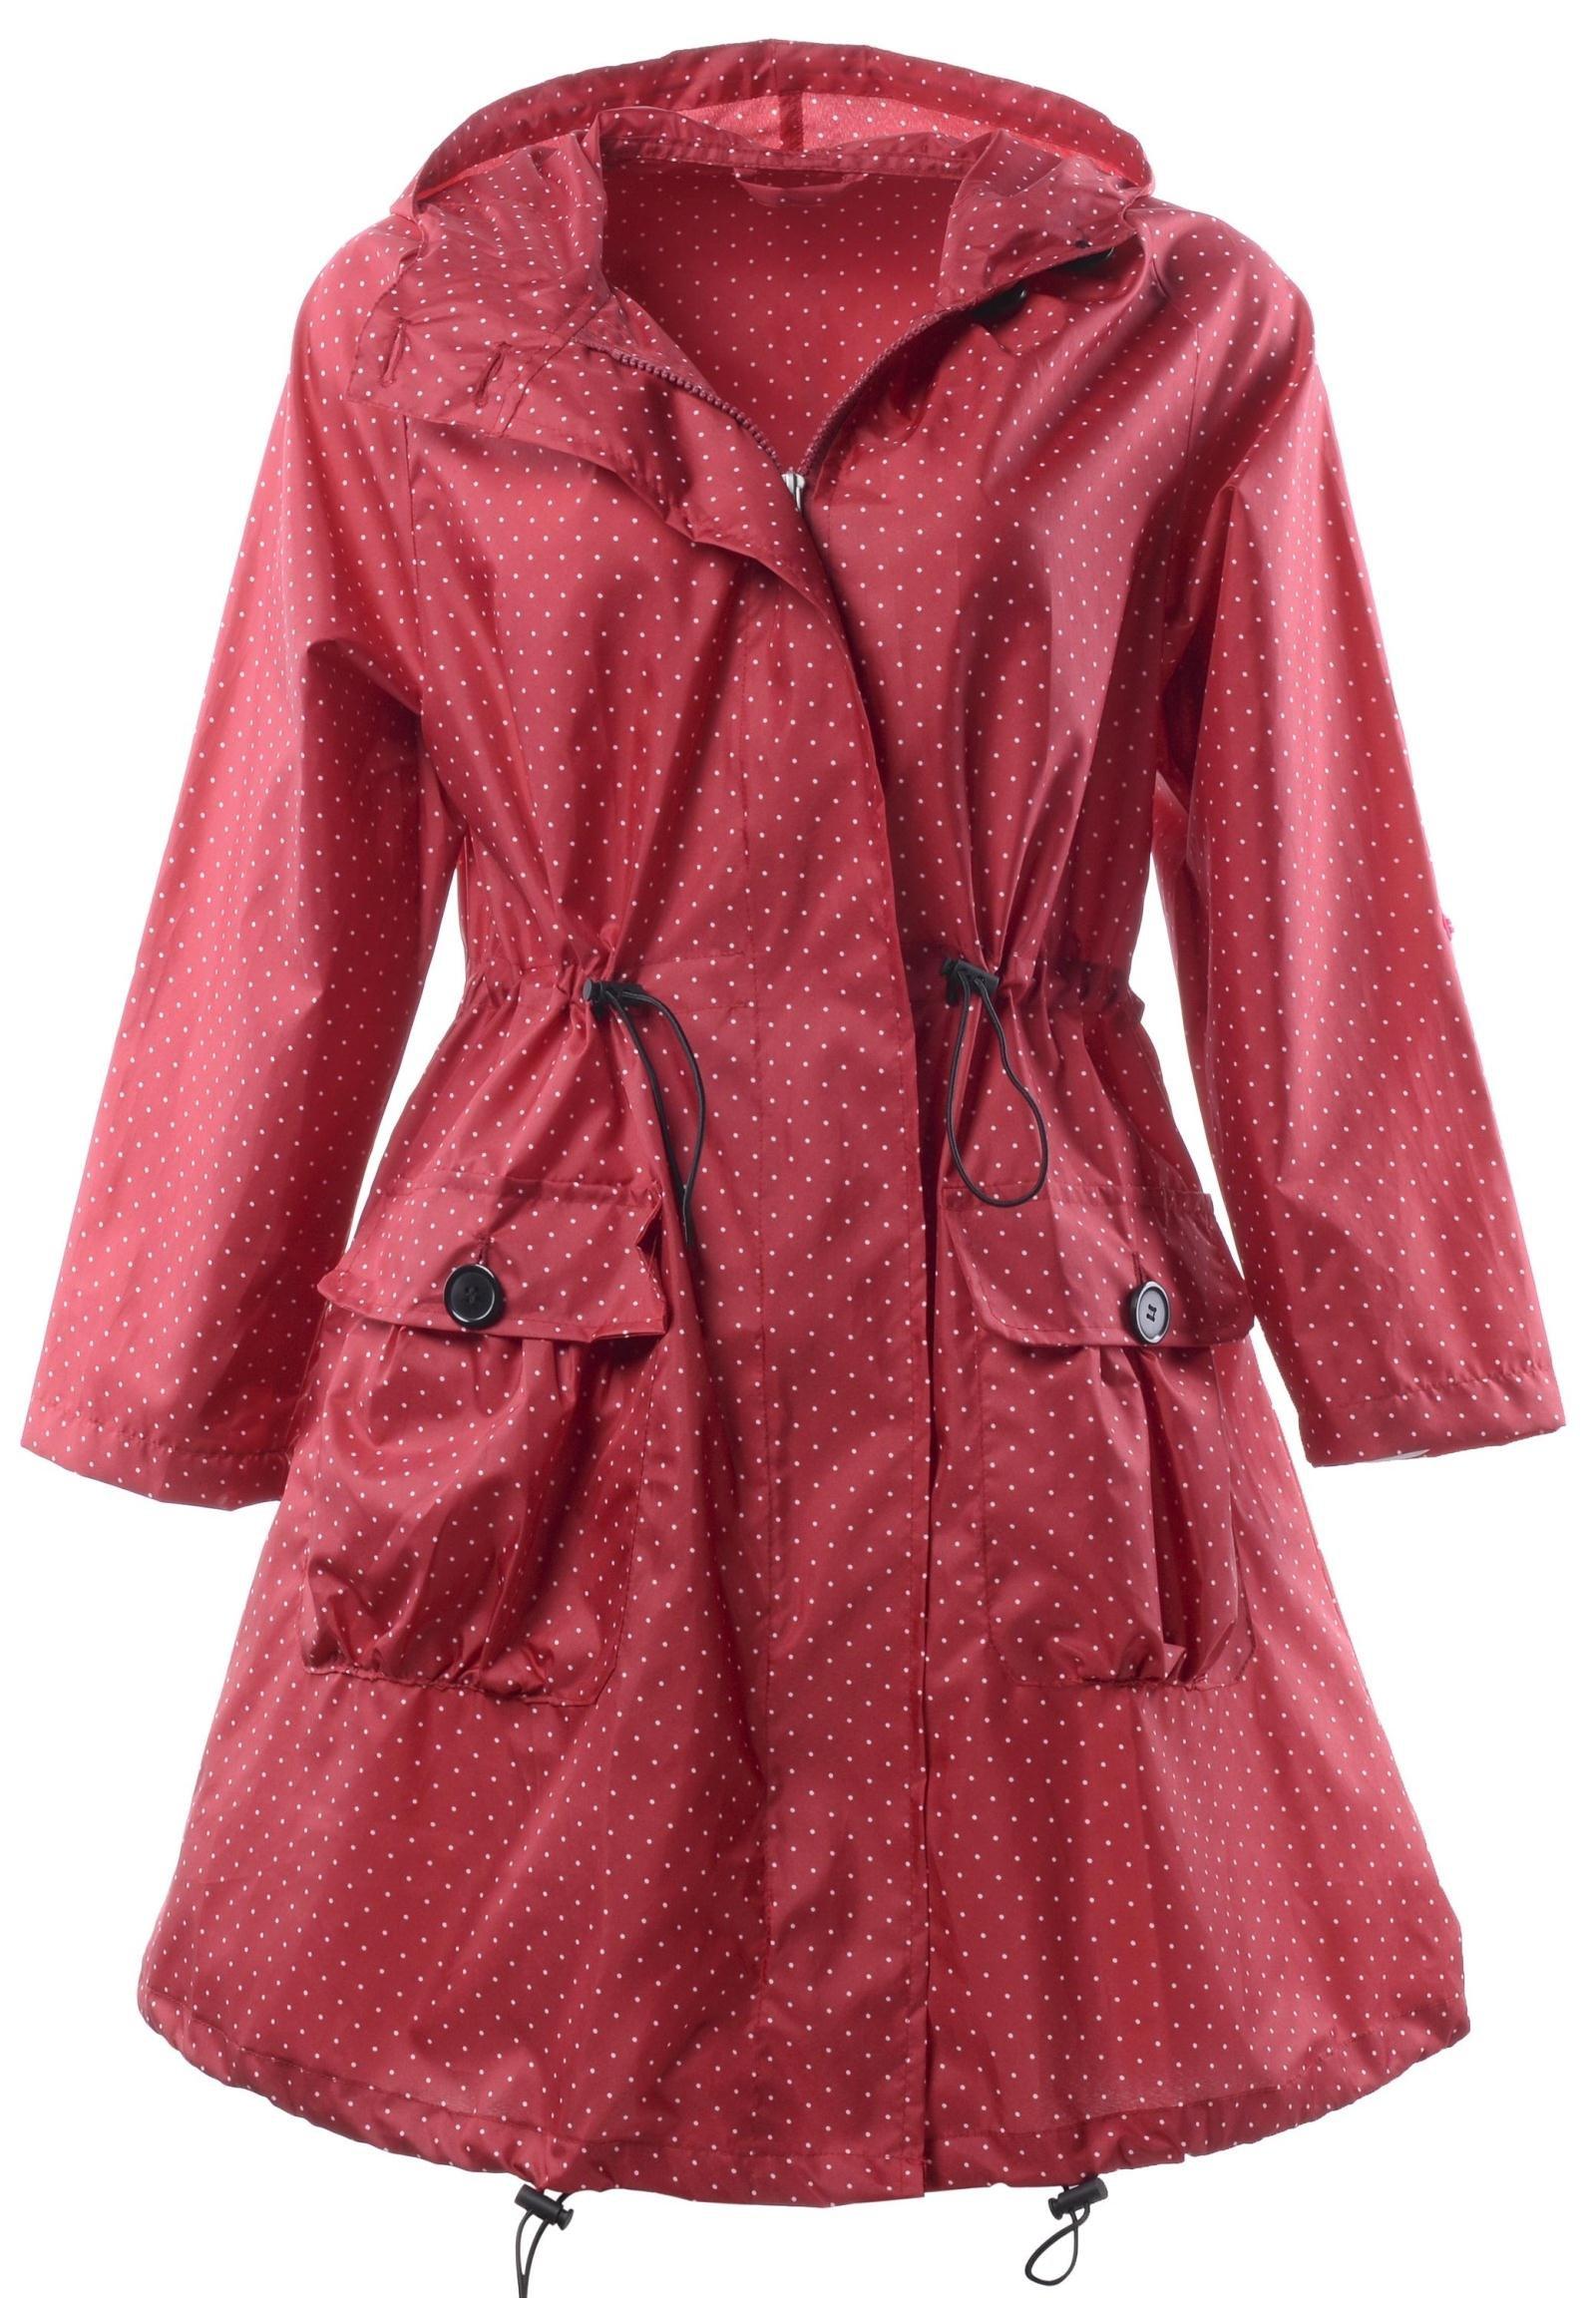 QZUnique Women's Packable Waterproof Rain Jacket Outdoor Poncho Raincoat with Hood Red